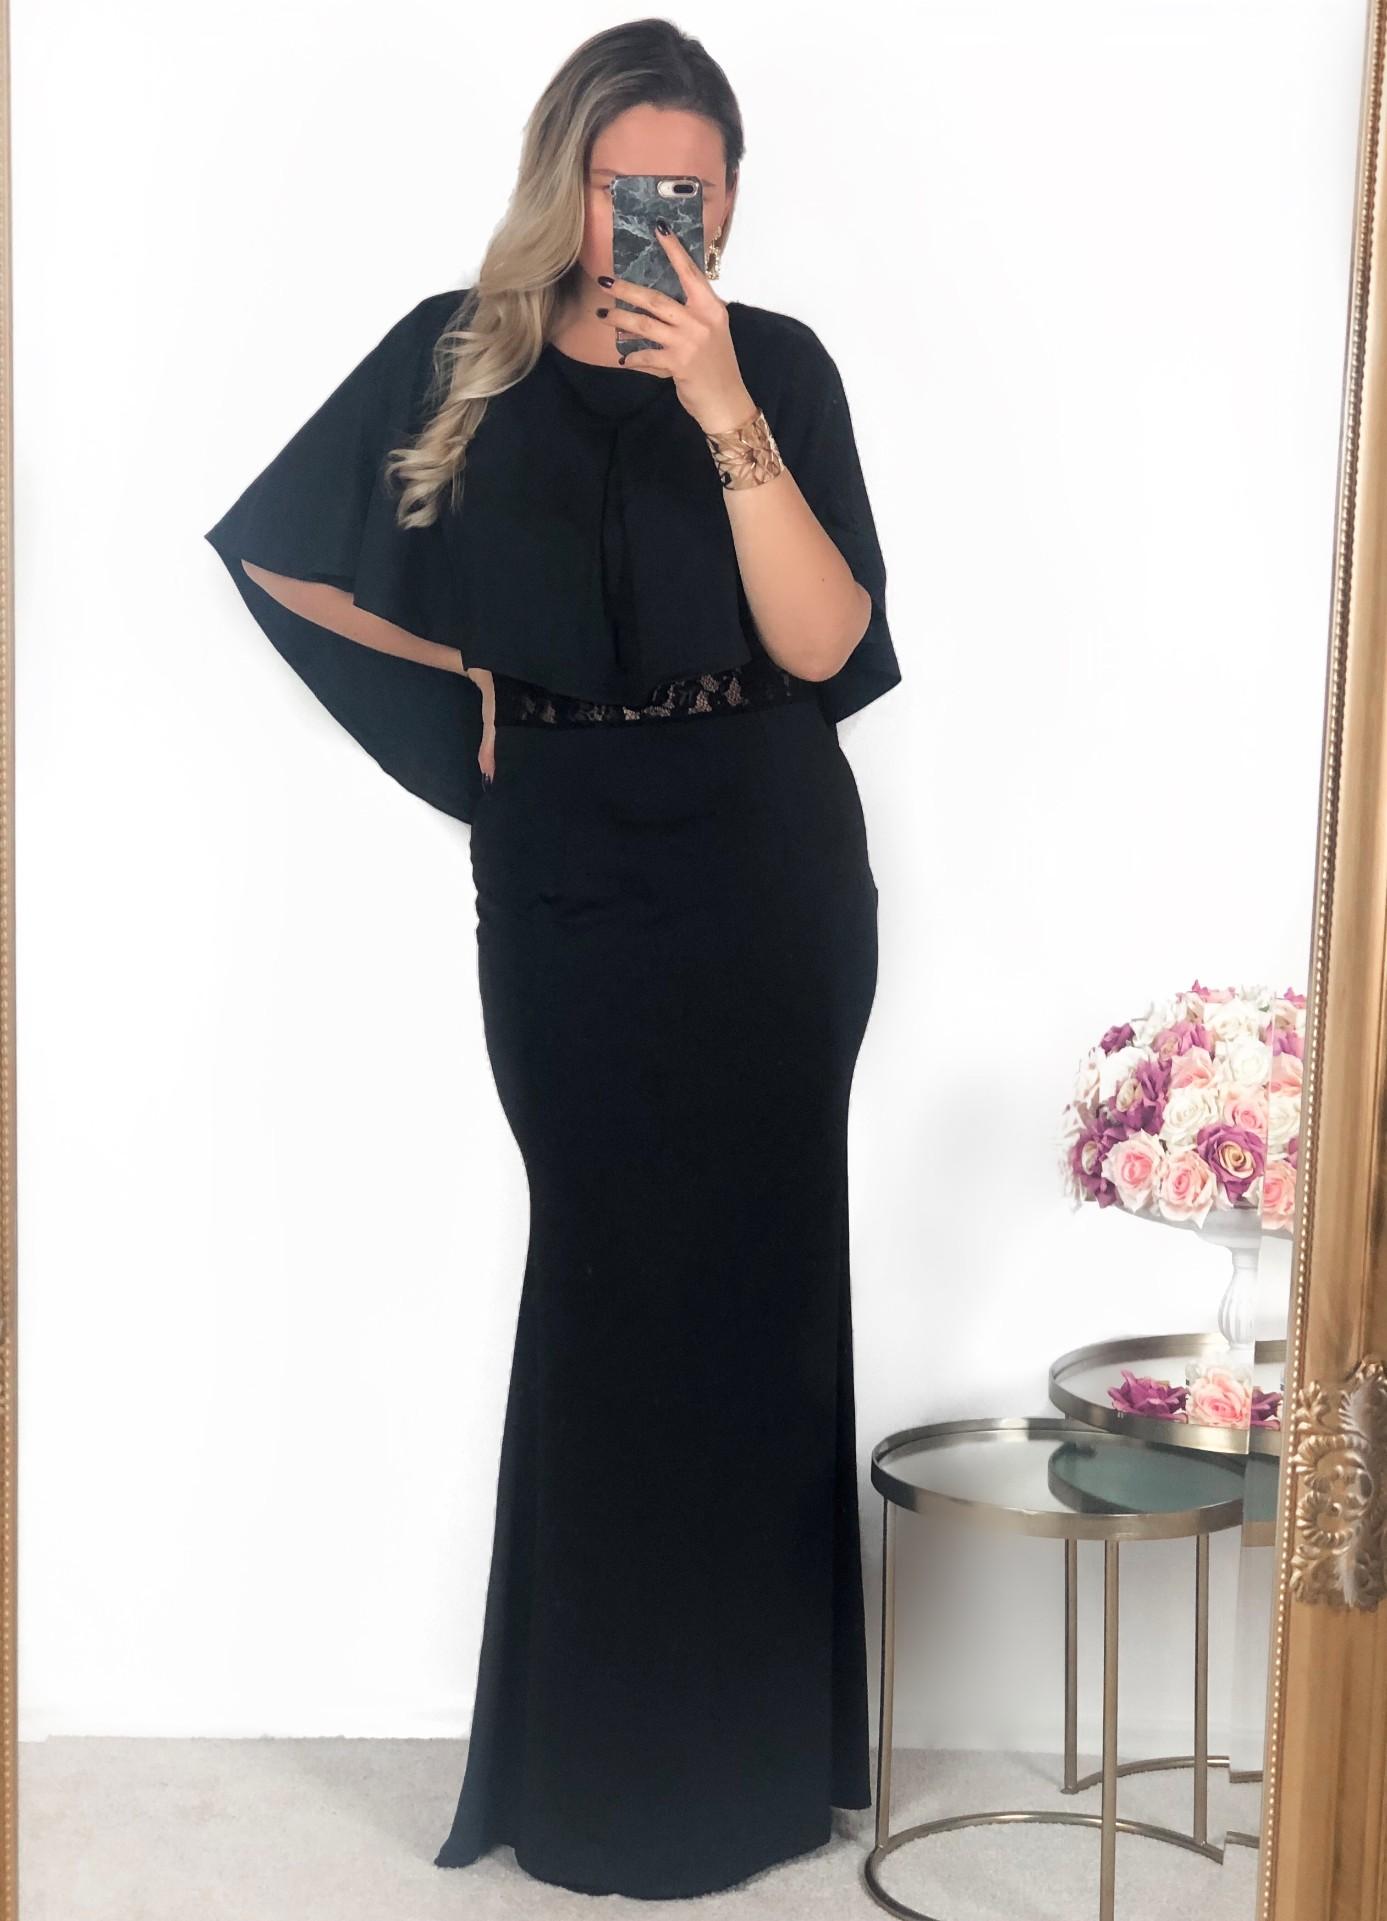 ZAZZA Čierne spoločenské šaty s čipkou na chrbte - Glami.sk f99257efd15